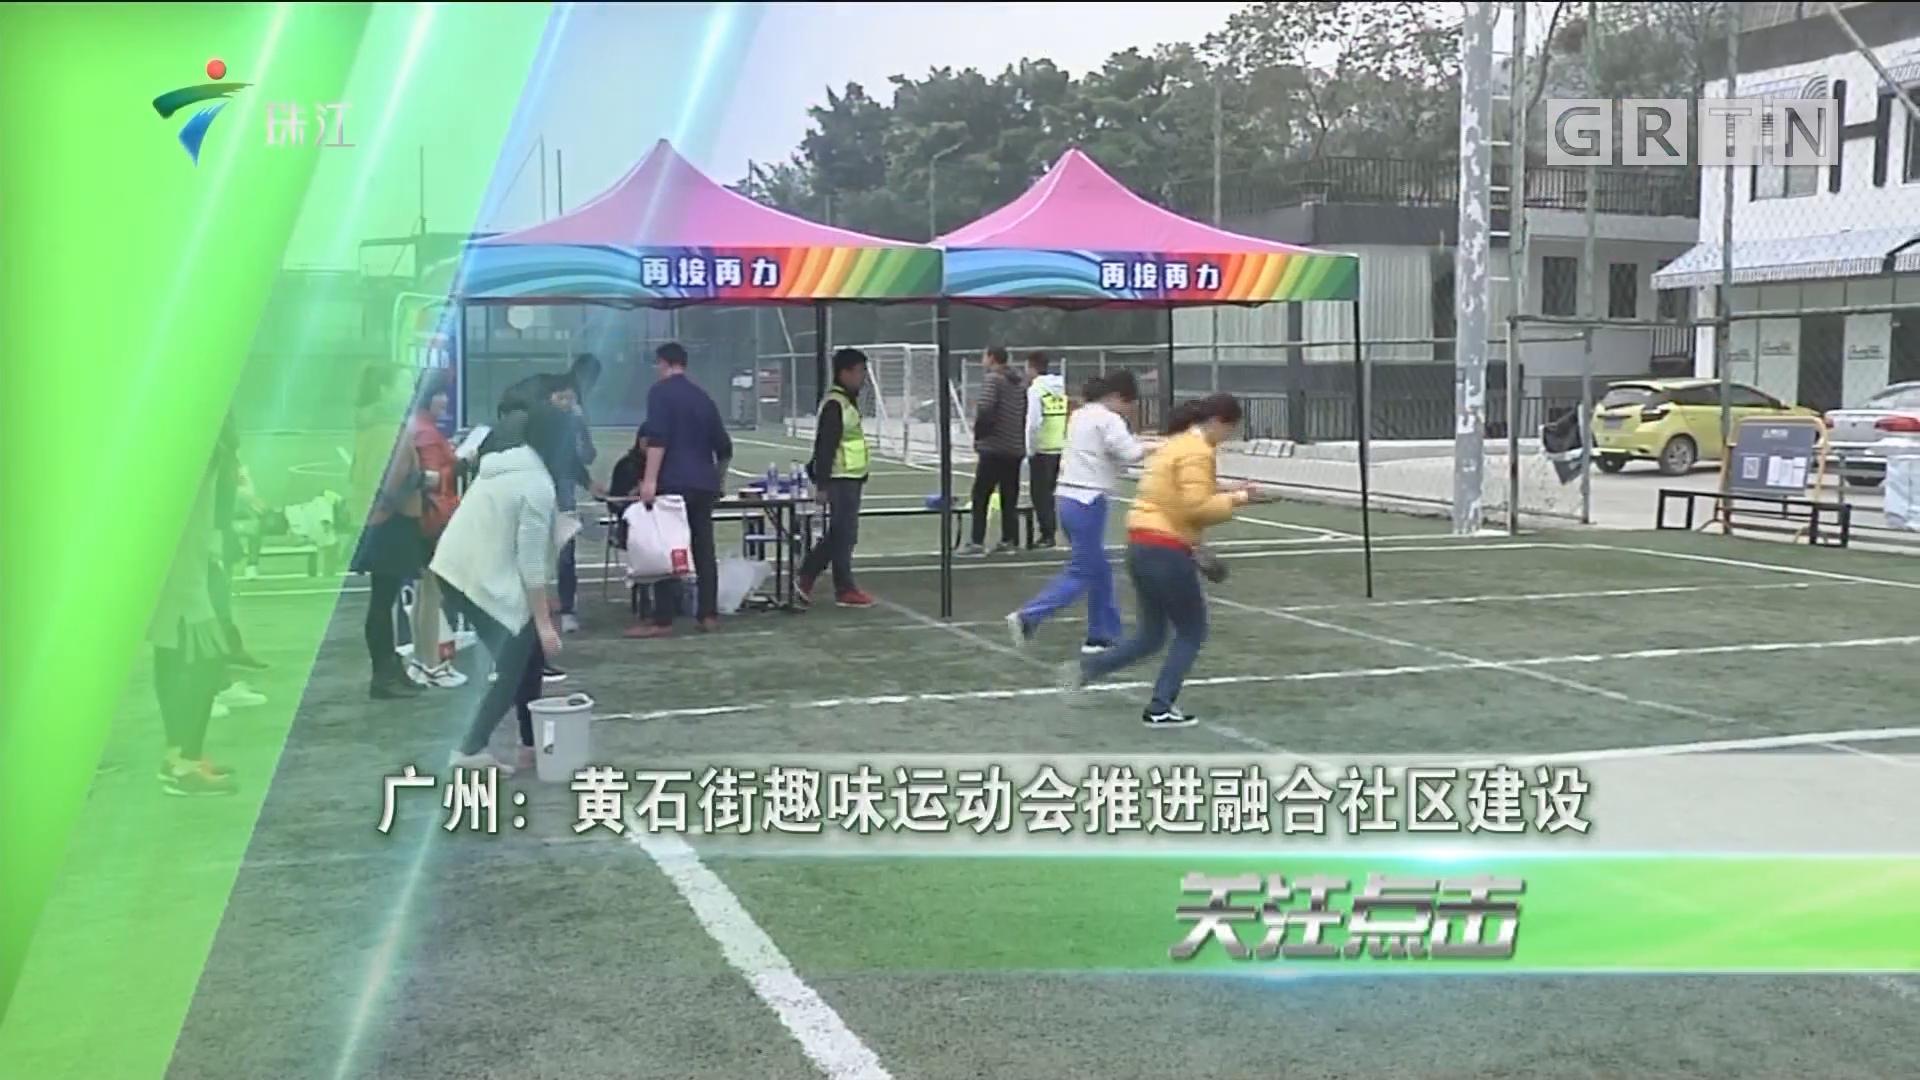 广州:黄石街趣味运动会推进融合社区建设